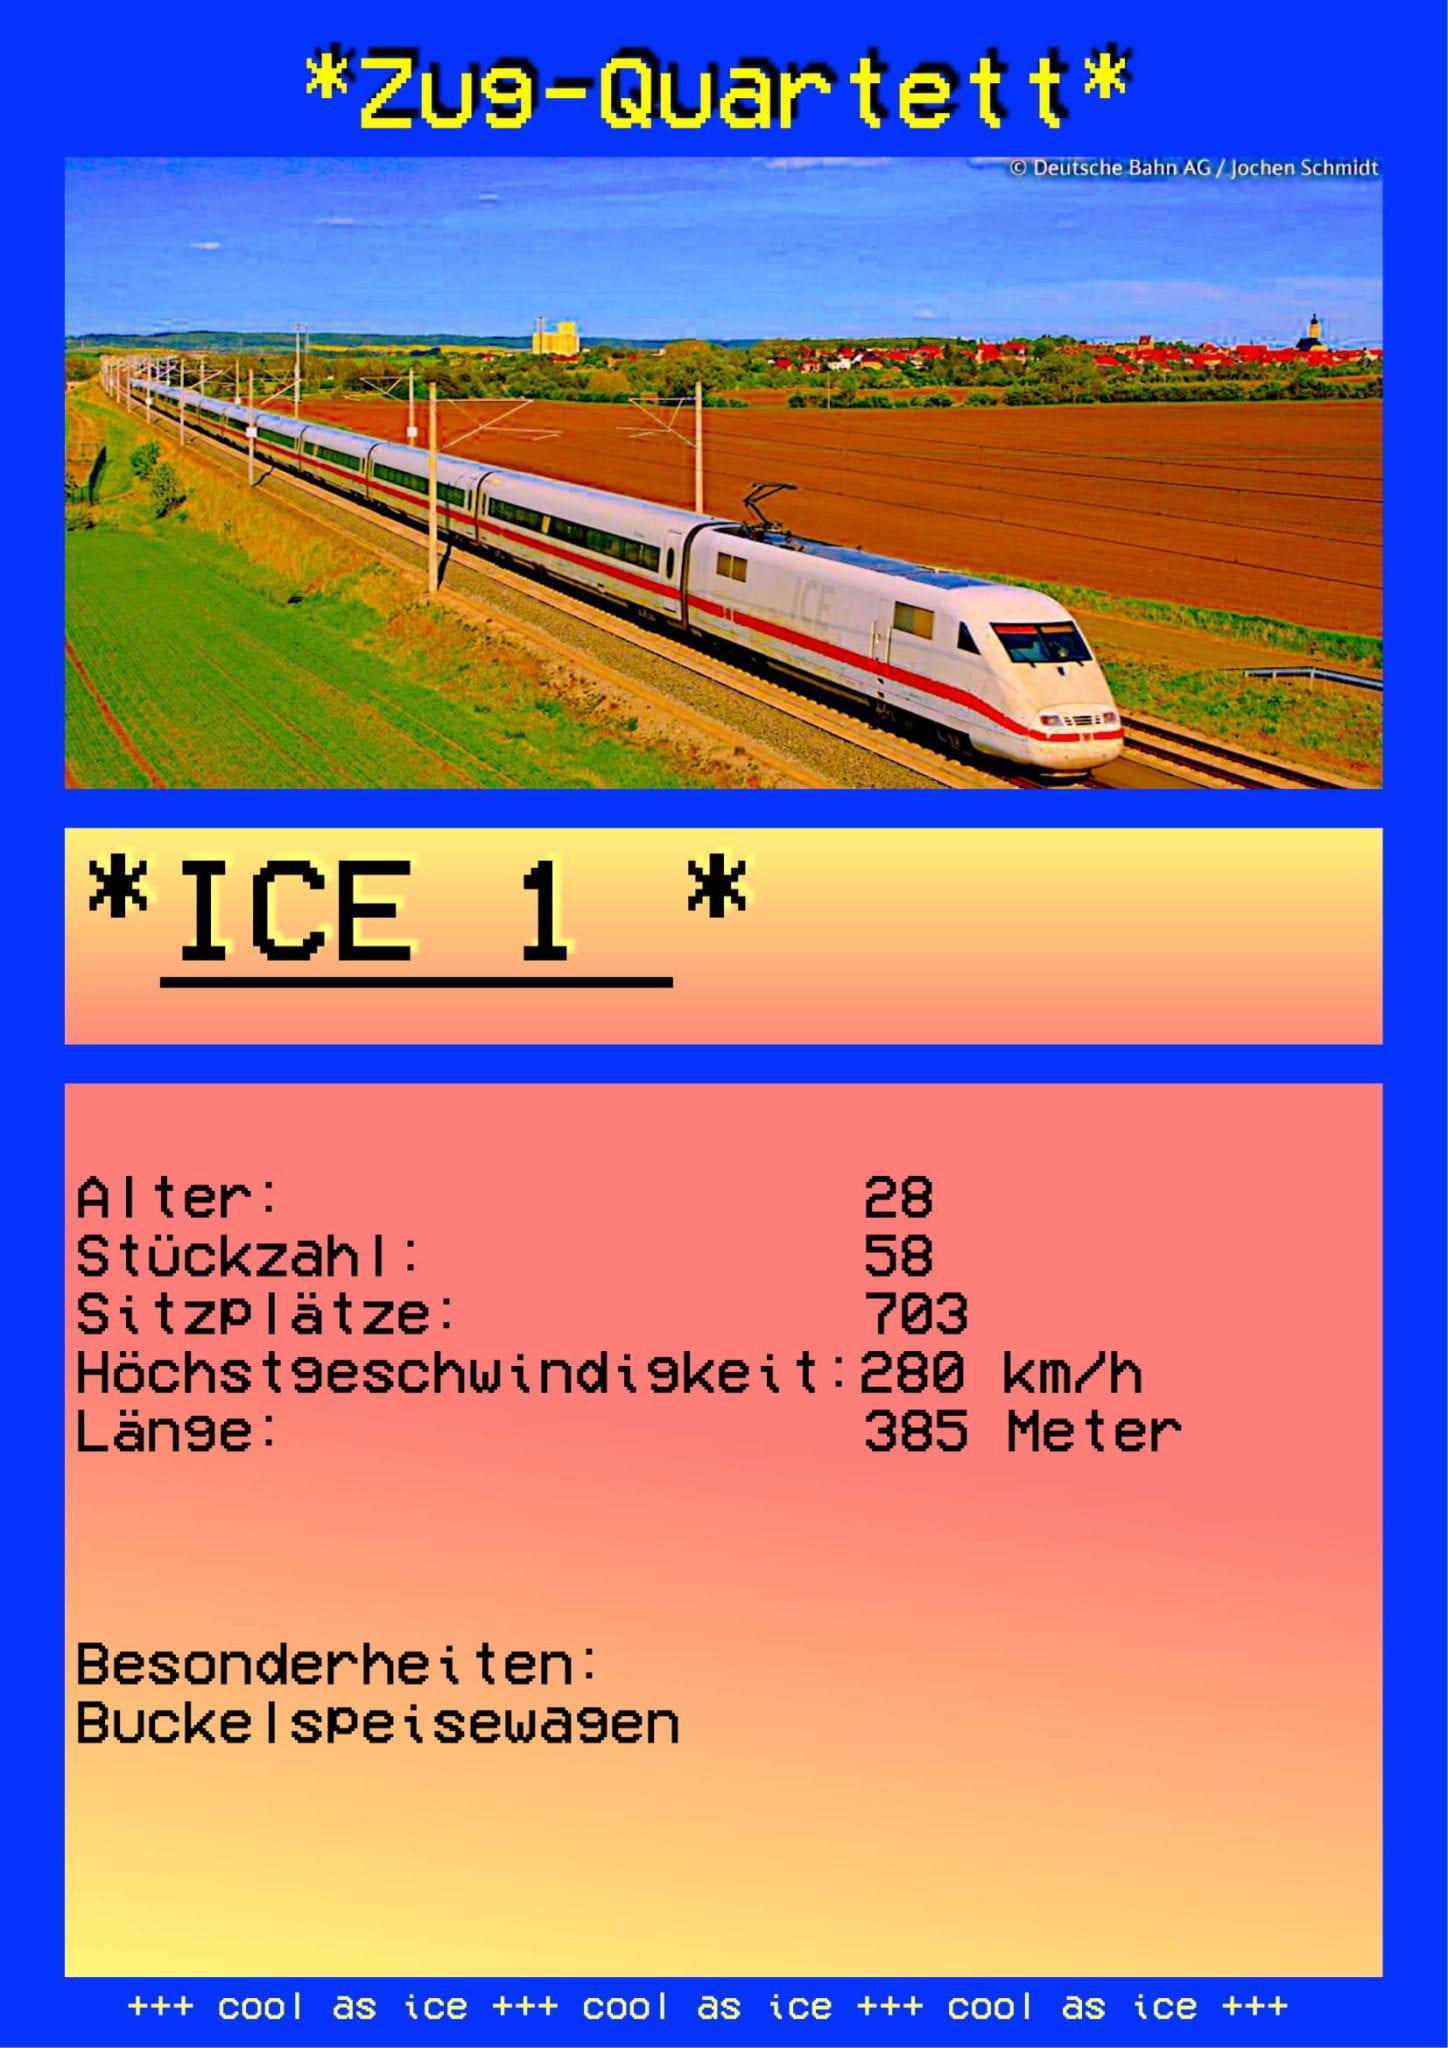 ICE_Quartett_1_0107-1